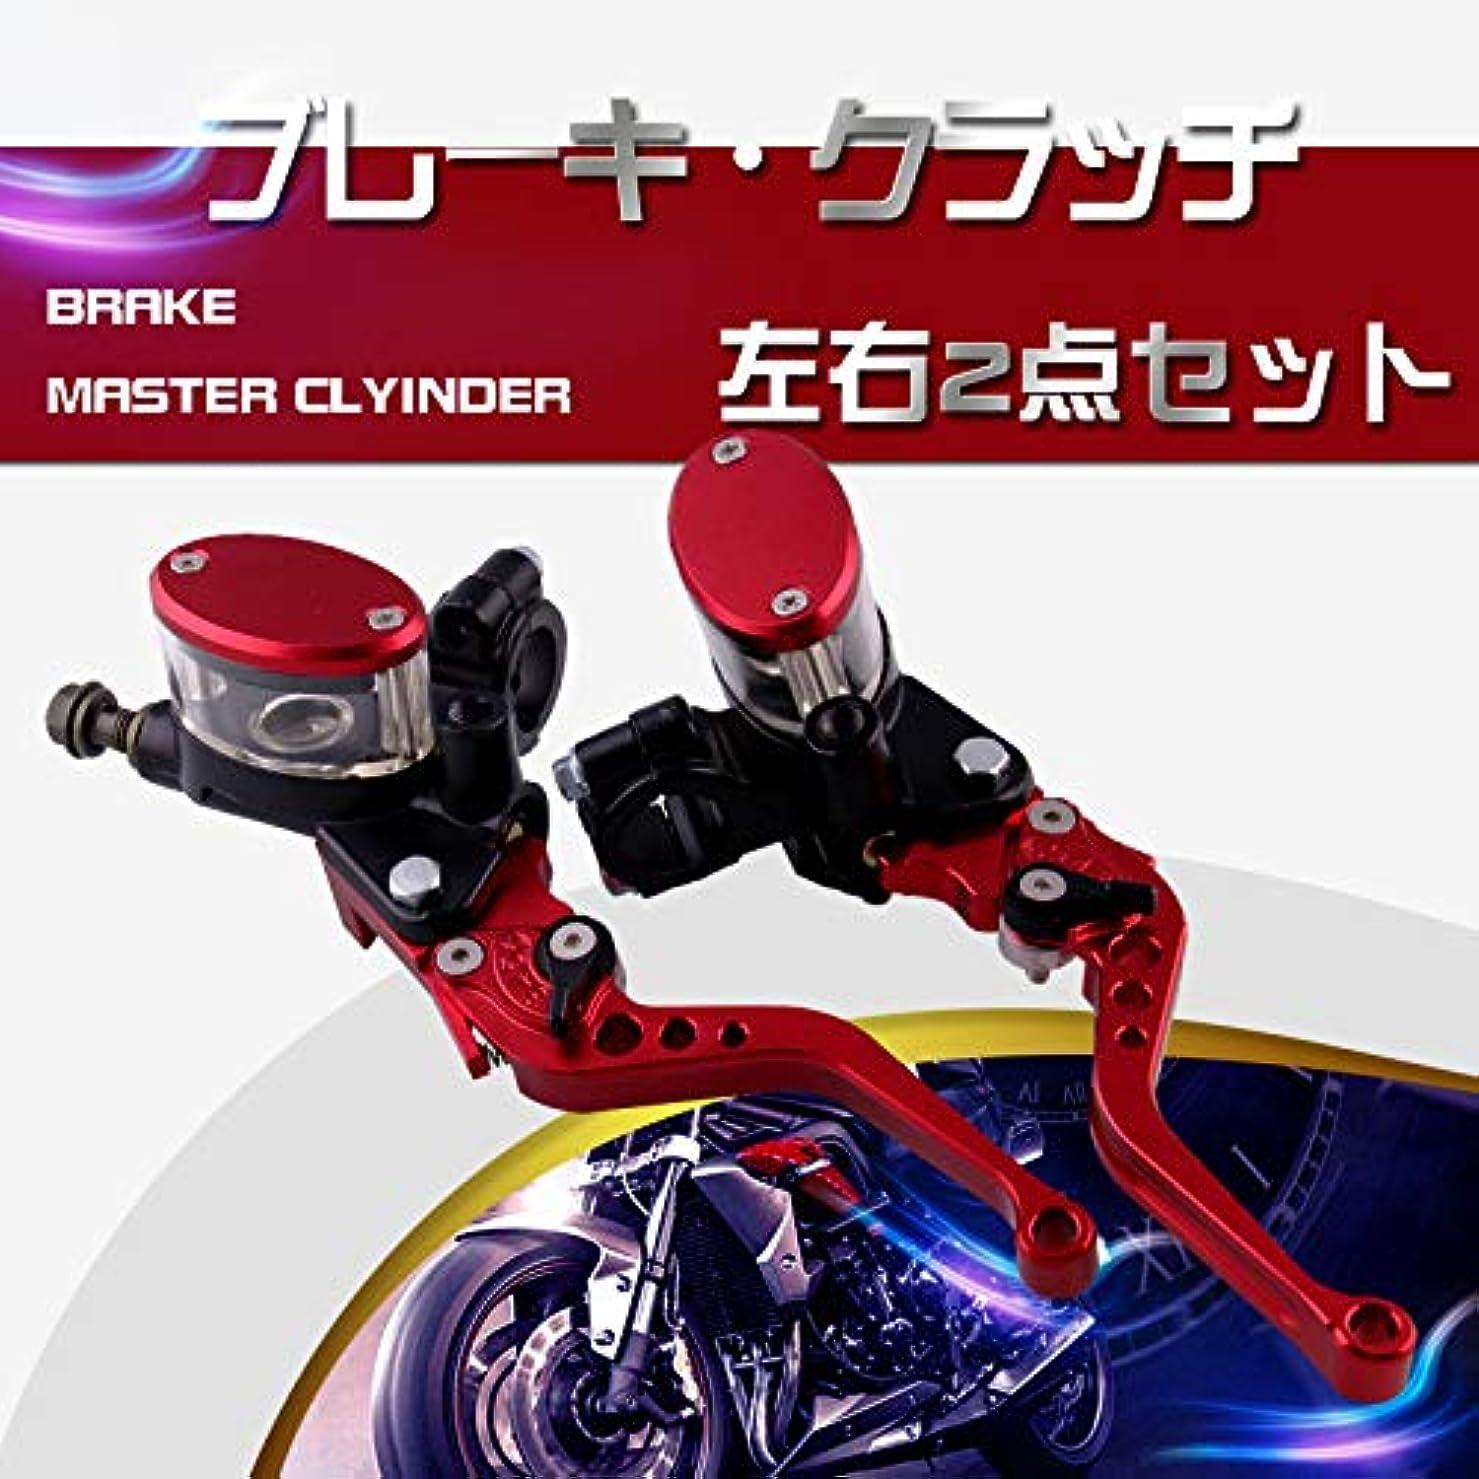 石油段落色合いSporacingrts 汎用 バイク マスターシリンダー ブレーキφ22mm(7/8インチ) アジャスタブル ブレーキ クラッチ レバーセット 6段階可変 ブラック